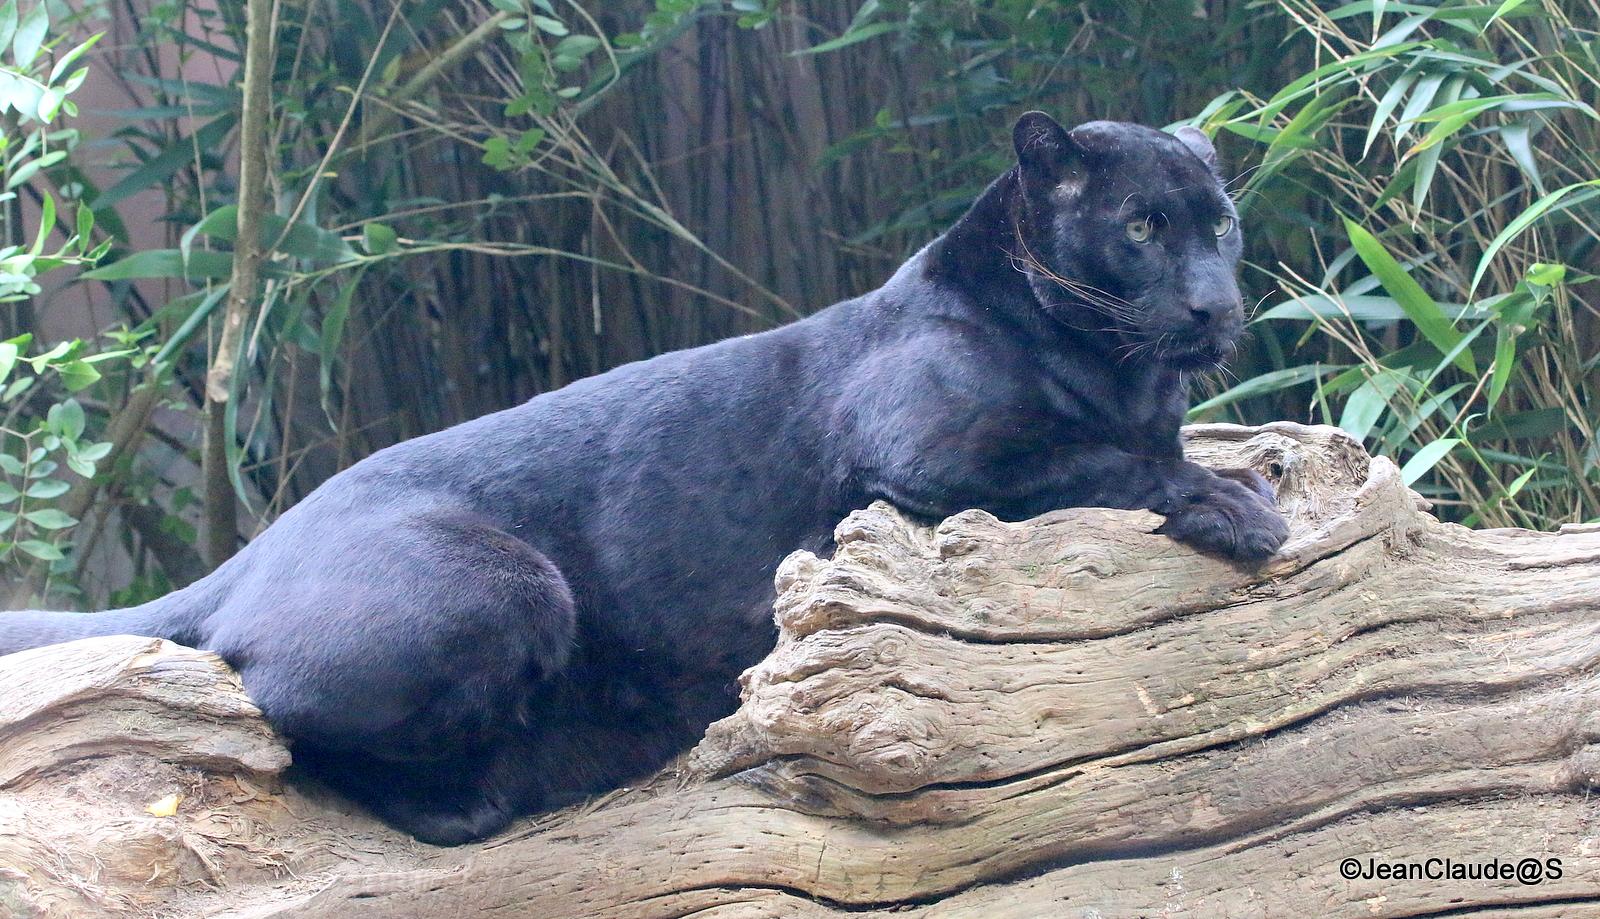 Zoo la Flèche Img_4177-5300f0a